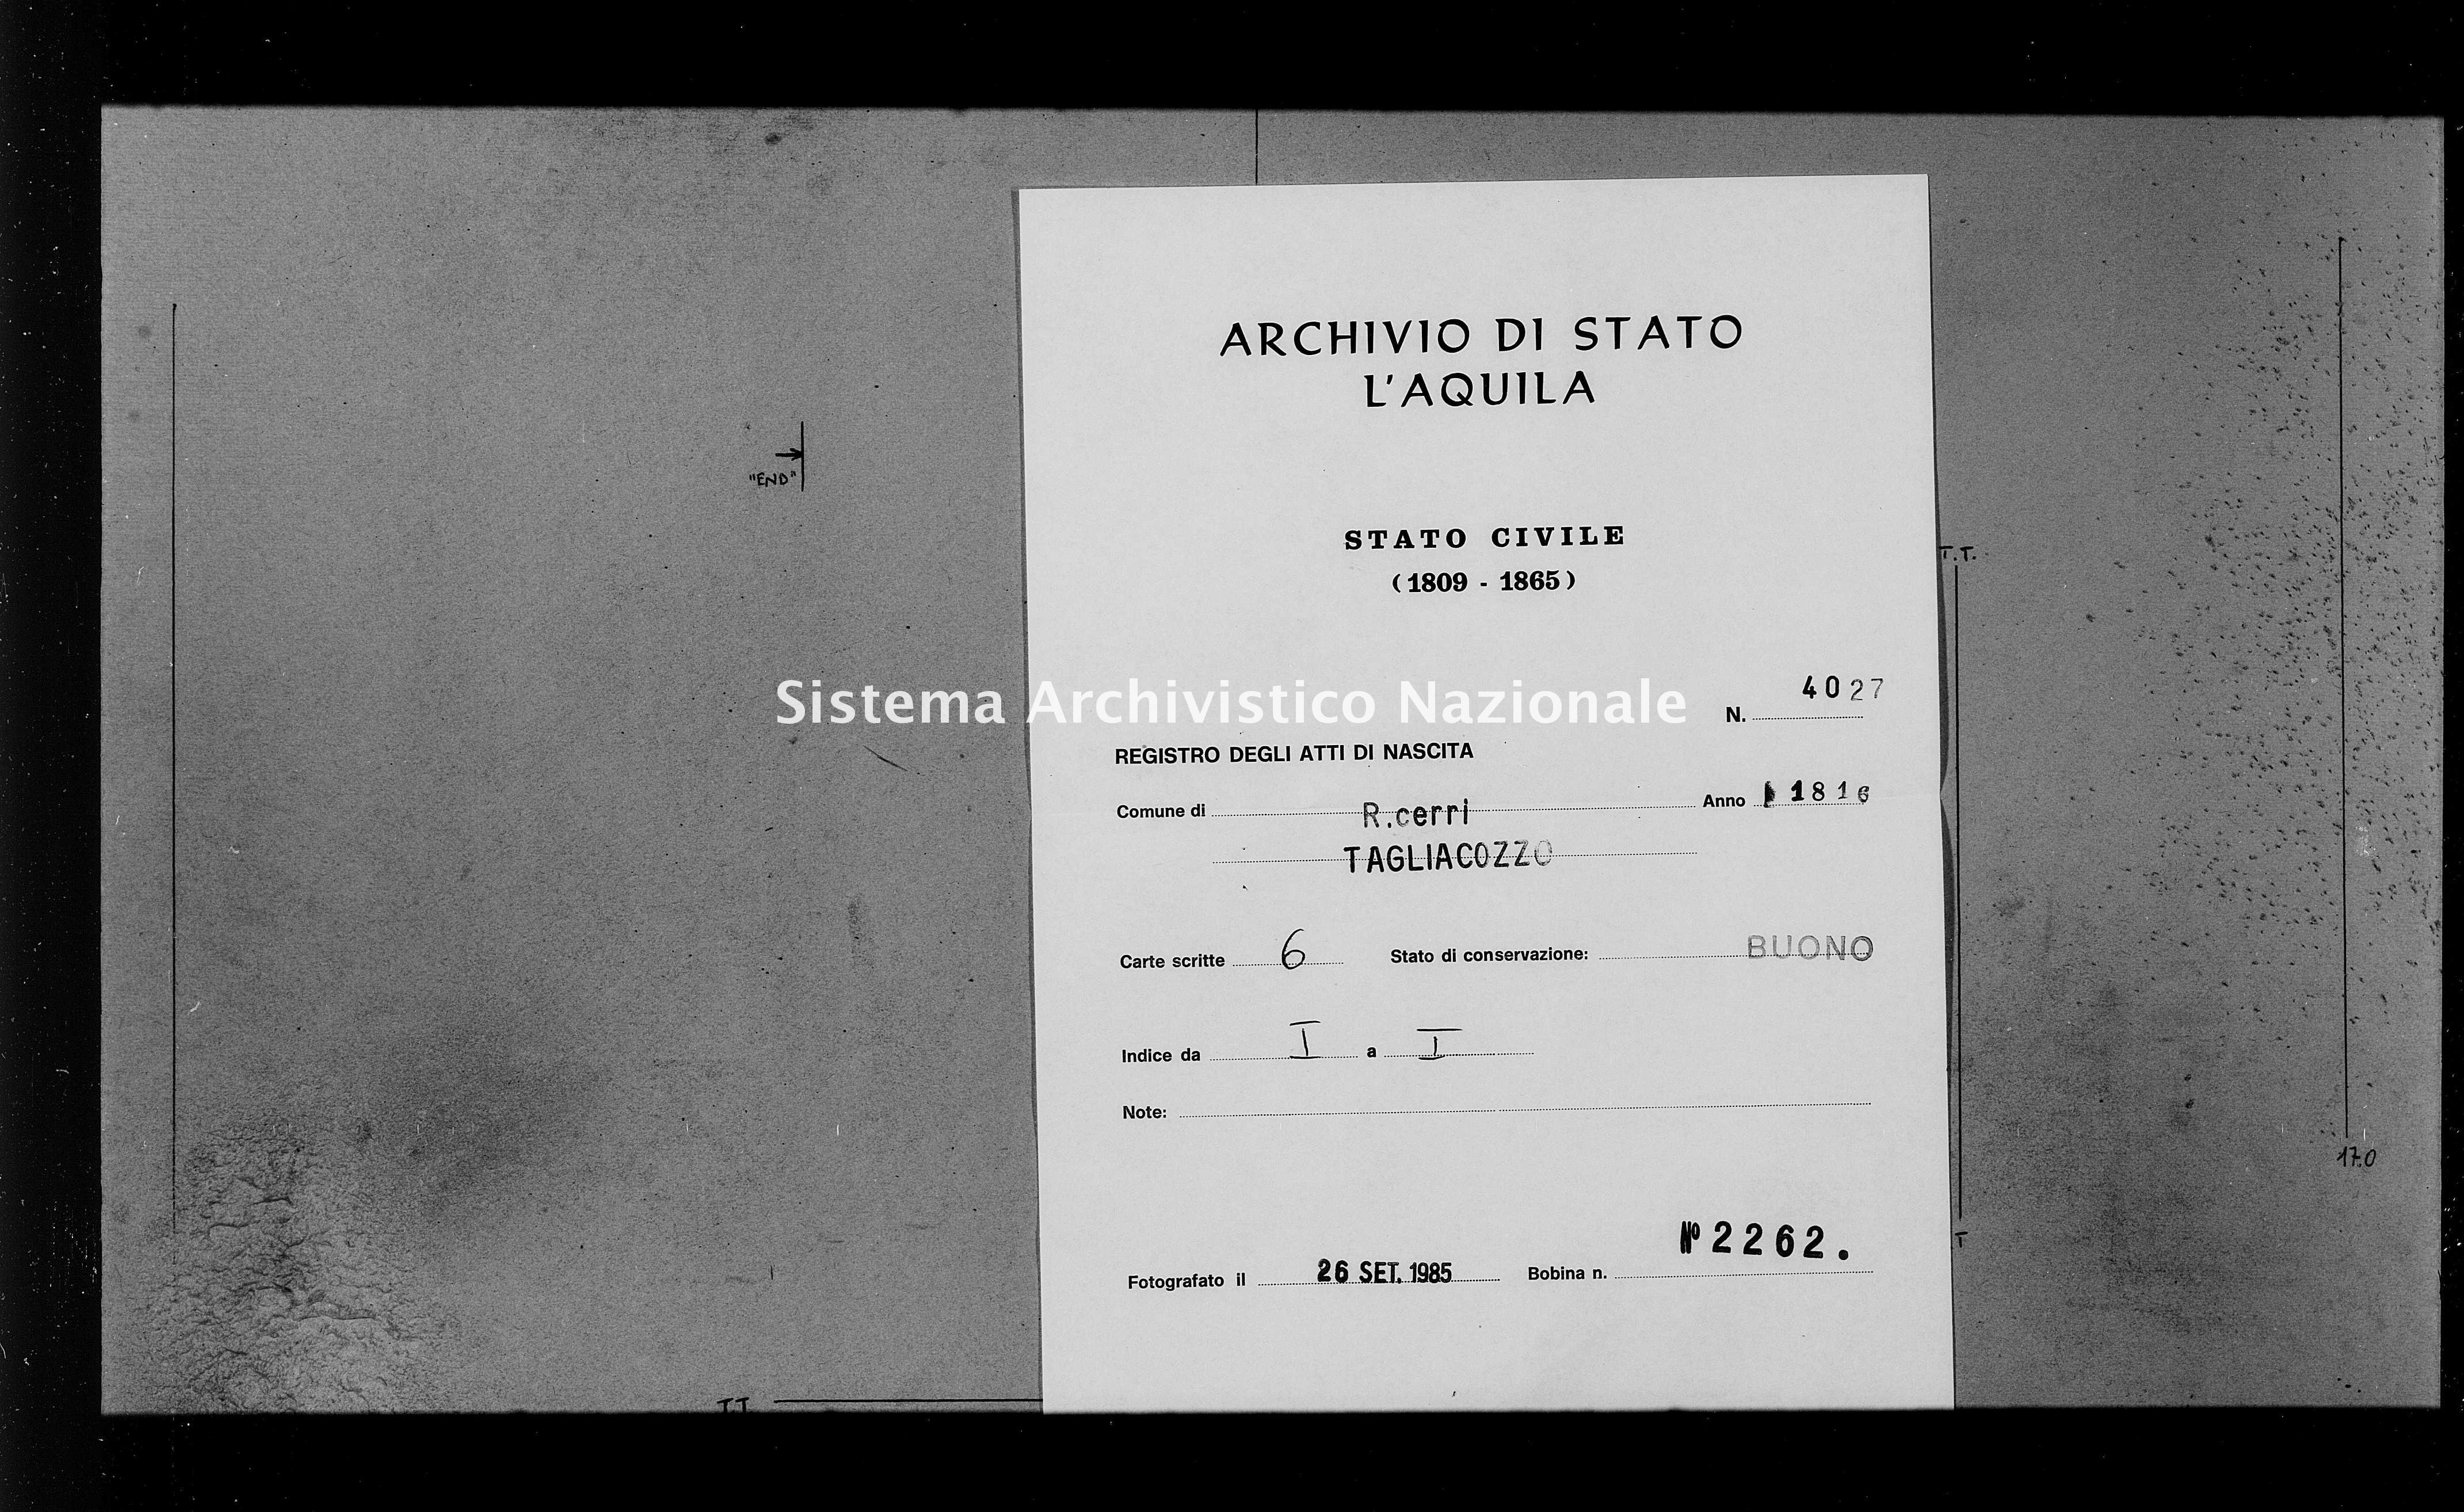 Archivio di stato di L'aquila - Stato civile della restaurazione - Roccacerro - Nati - 1816 - 4027 -